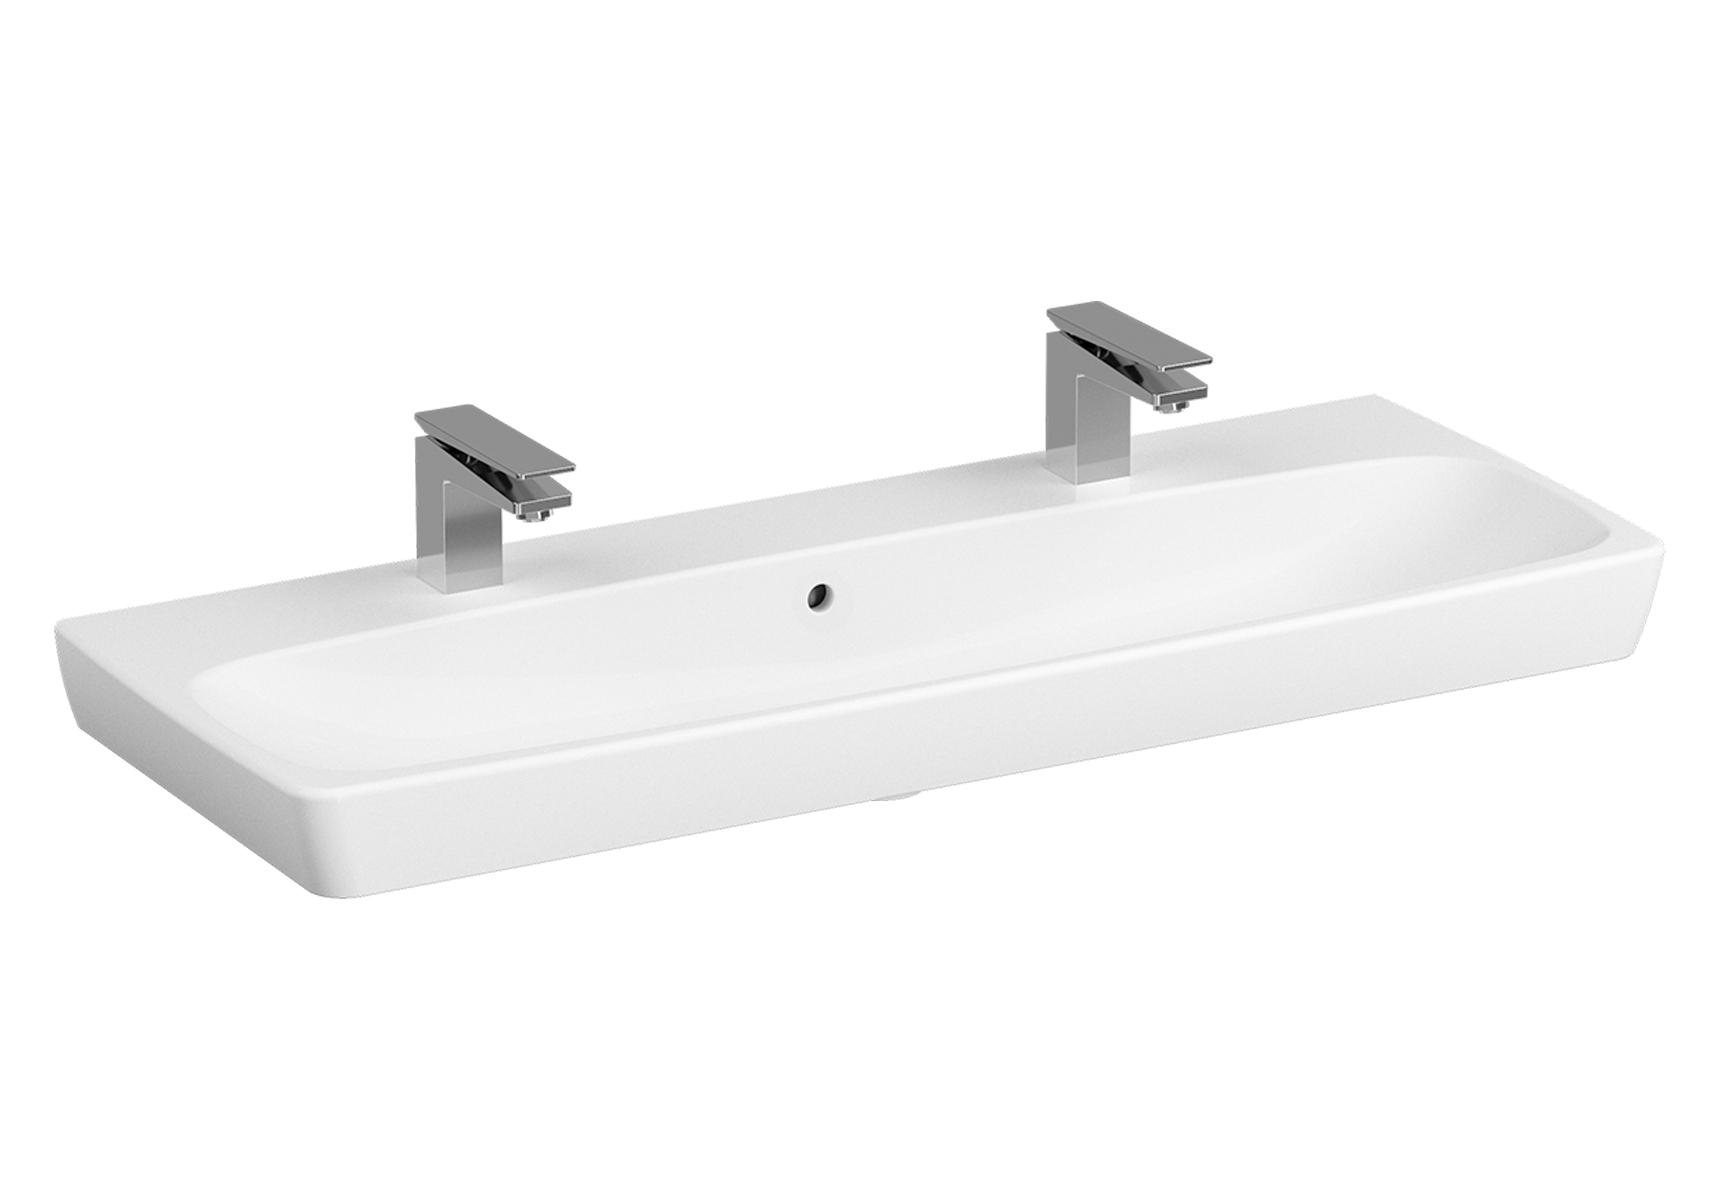 Metropole Doppelaufsatzwaschtisch, 1 Becken, Weiß